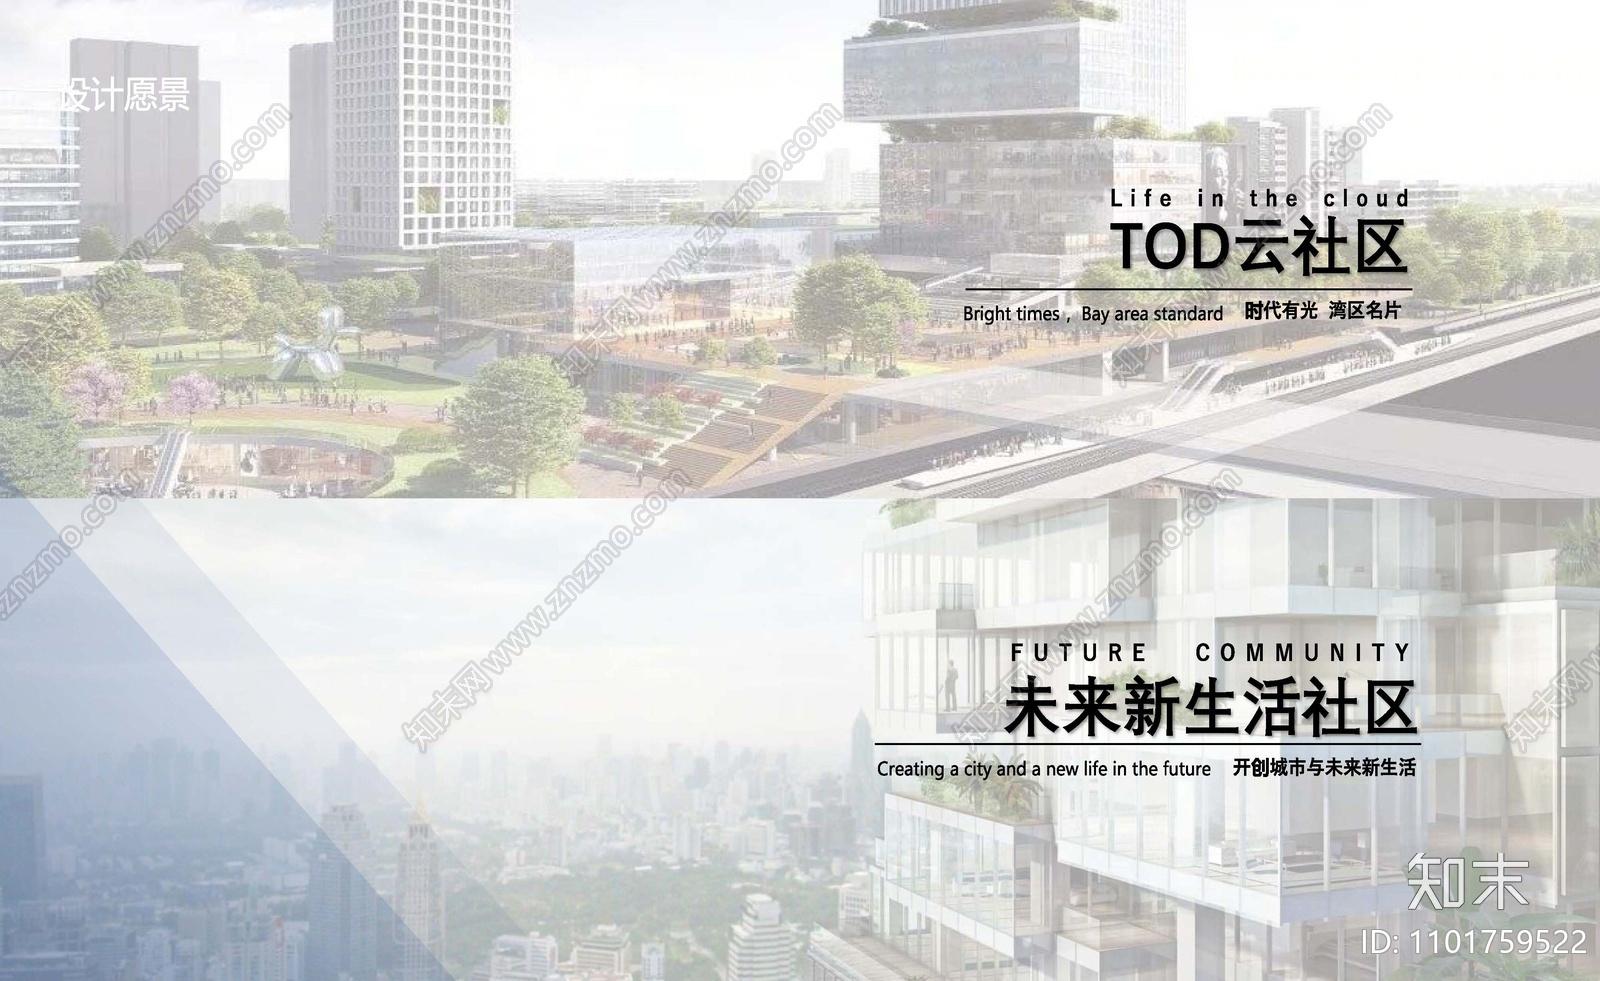 保利湾区东莞虎门TOD未来社区综合体方案文本下载【ID:1101759522】